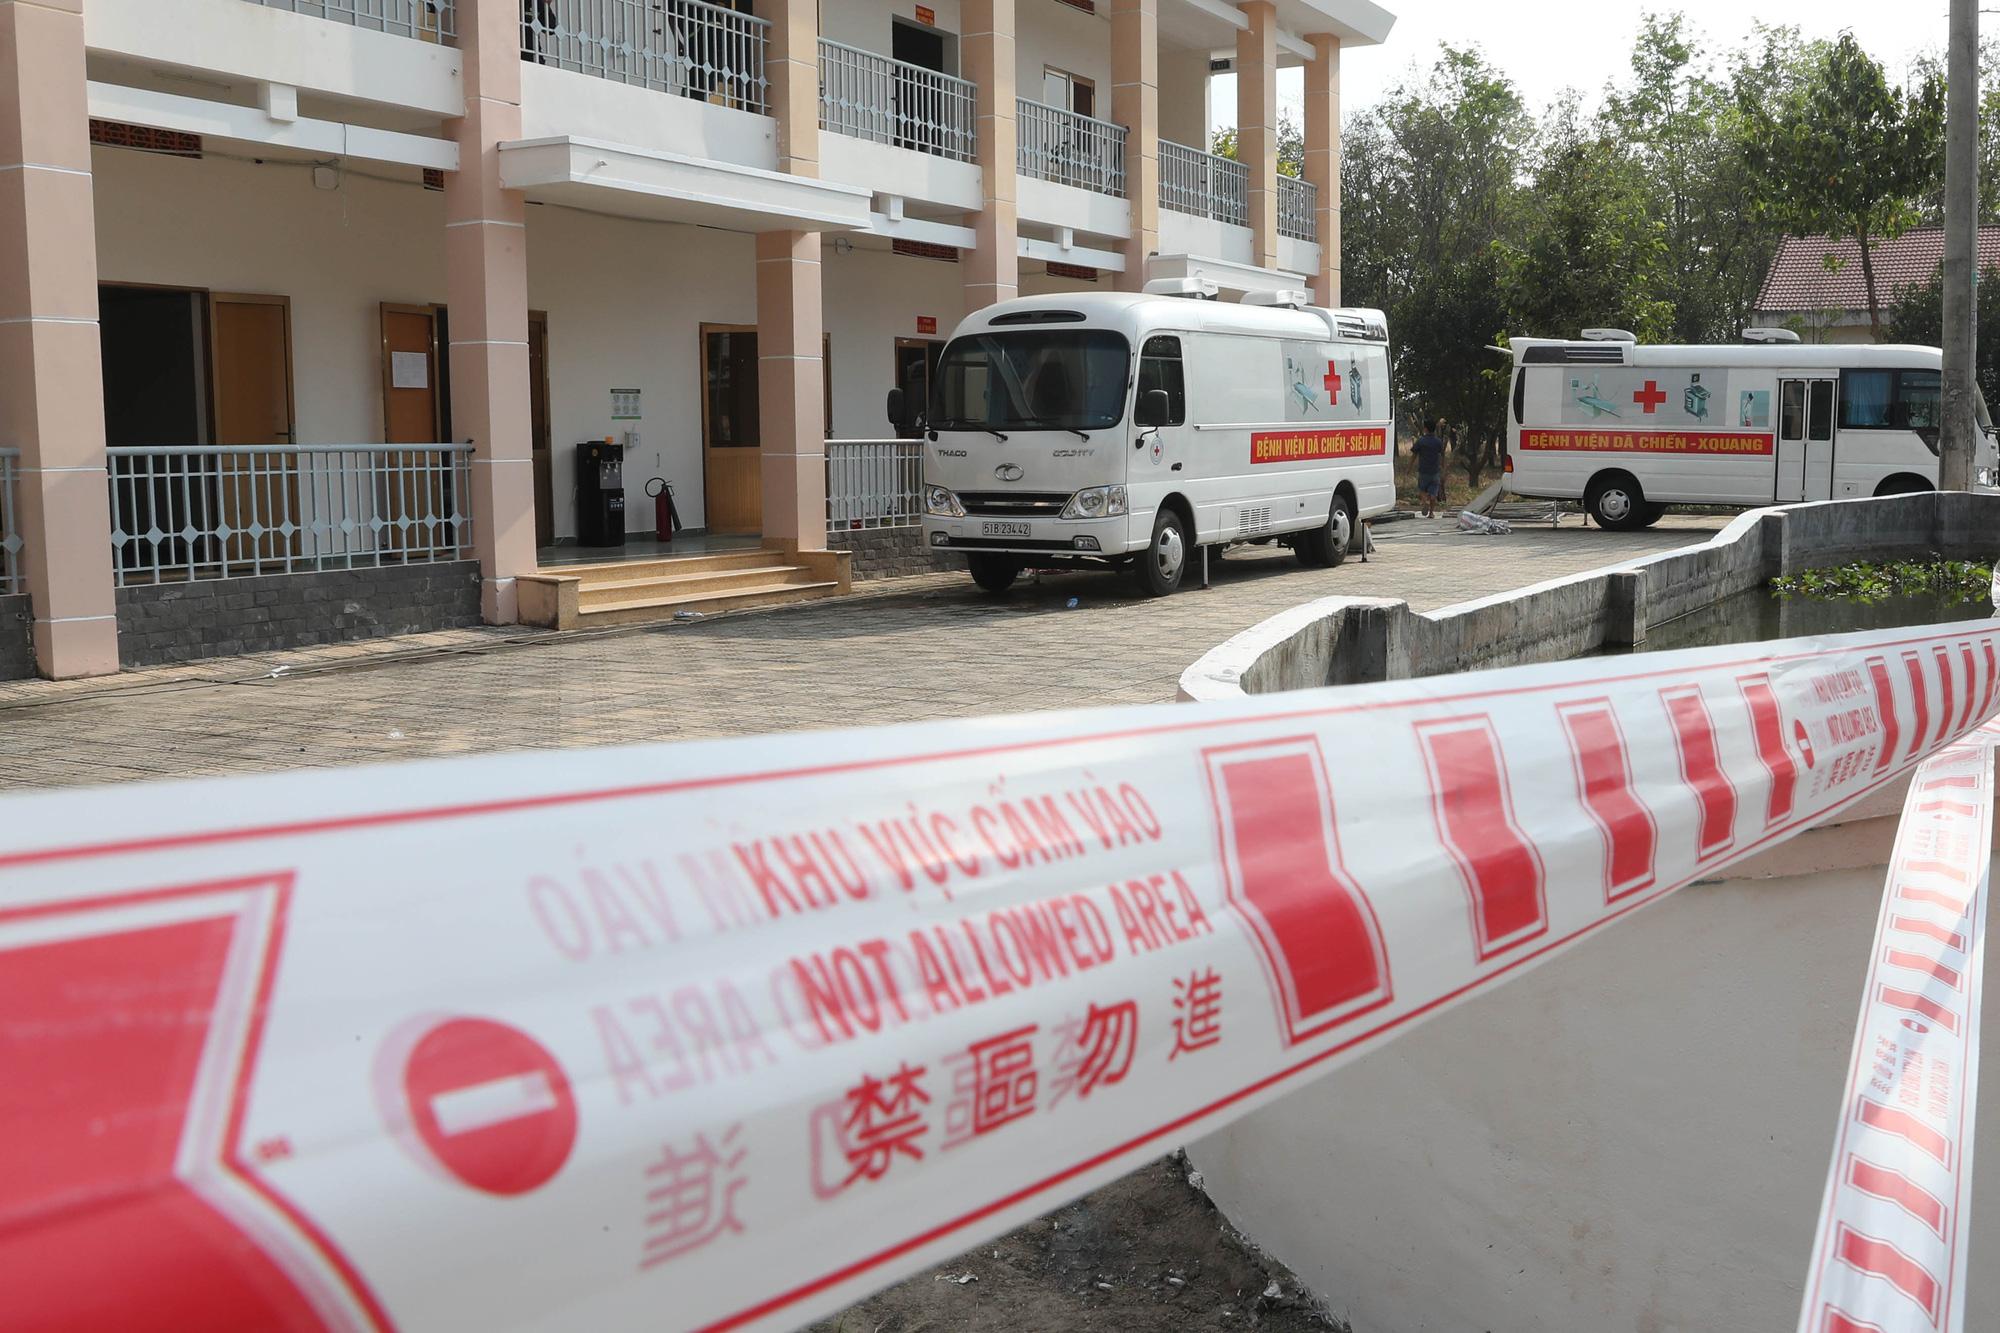 Tp Hcm đi Quảng Nam Từ Hom Nay Khi Về Hết Phải Cach Ly Bao Người Lao động